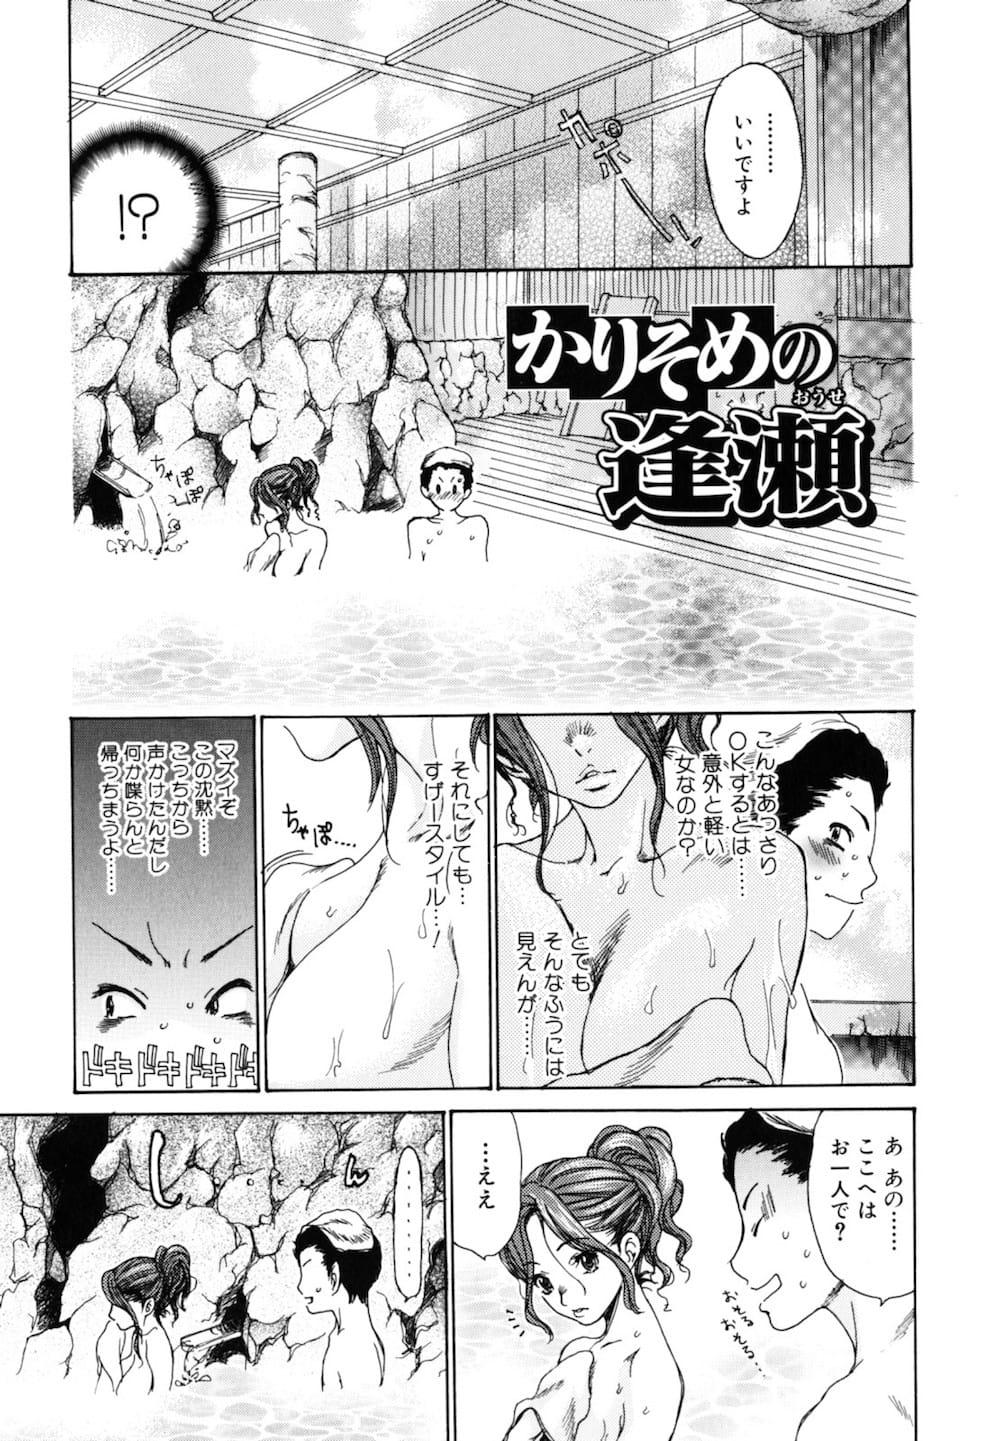 【エロ漫画】彼女と喧嘩して一人で温泉旅館に来た青年が同じ境遇の美人妻をナンパして混浴温泉で口説き一夜限りの恋人和姦!